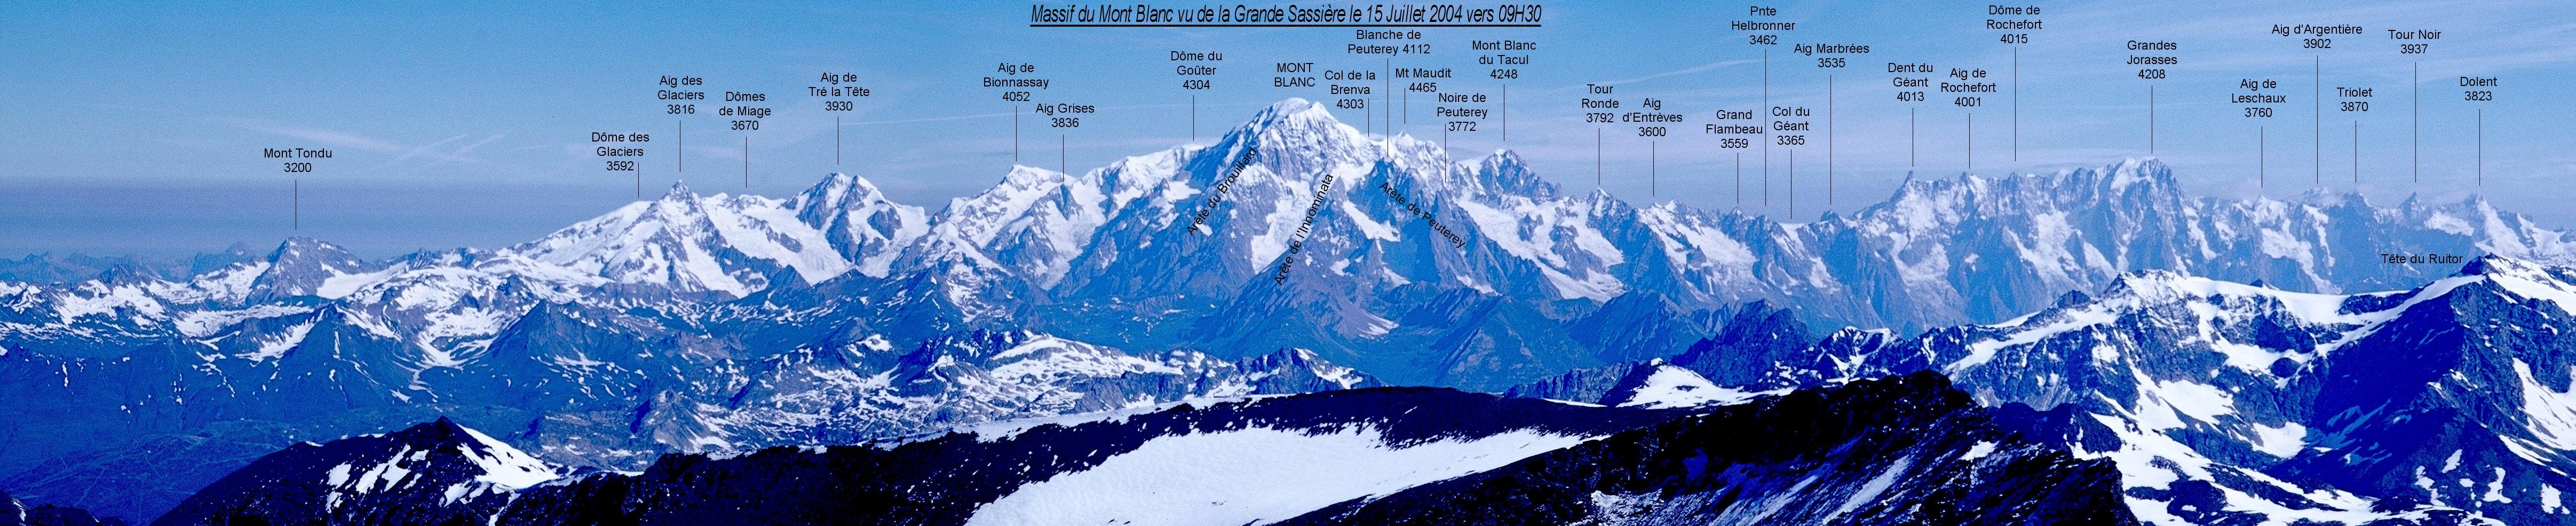 Massif Du Mont Blanc 28 Images Mont Blanc Massif